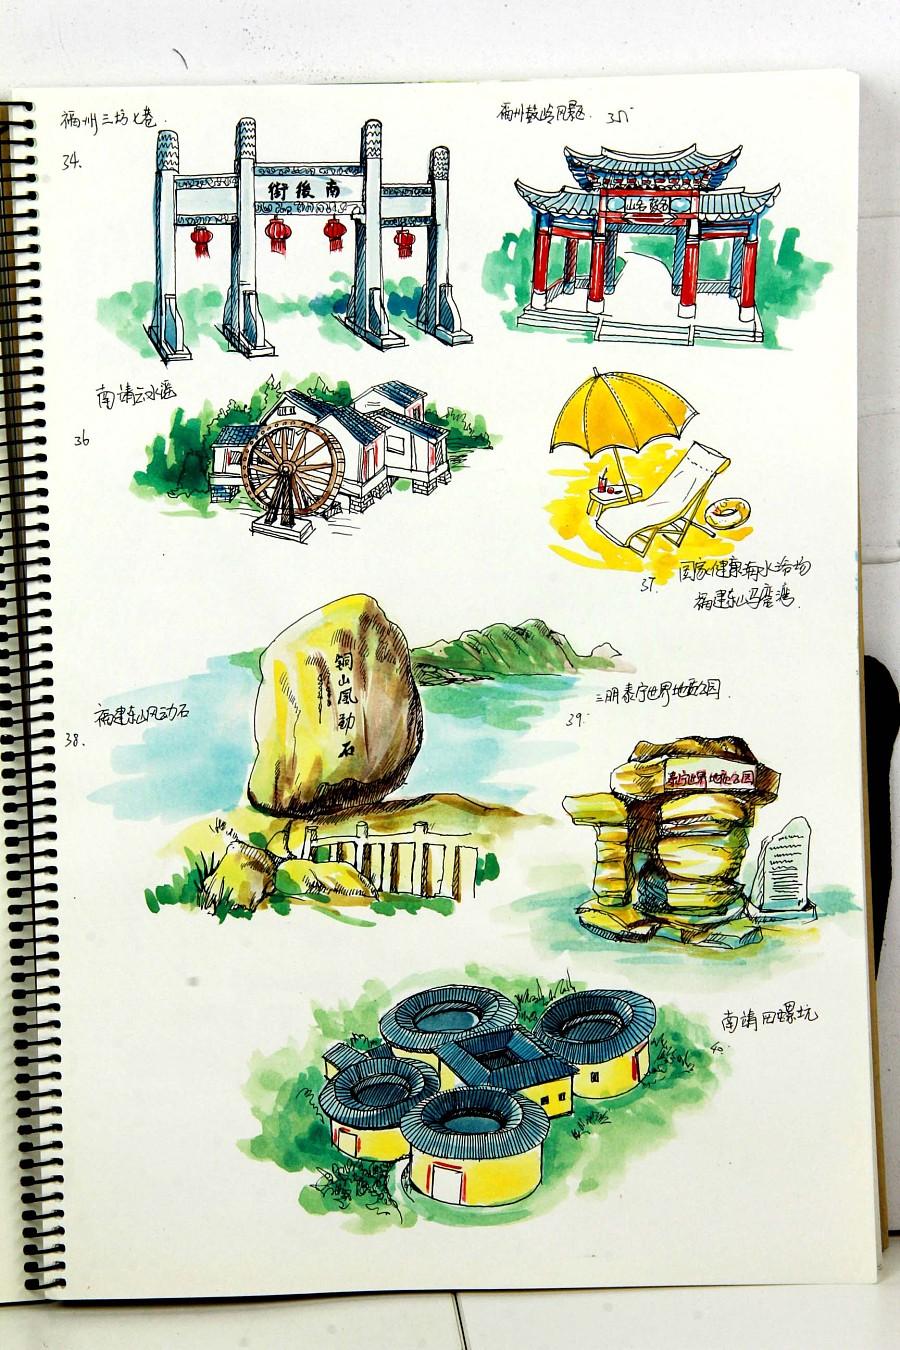 福建省内高铁旅游手绘地图创作绘制 水彩 纯艺术 jack